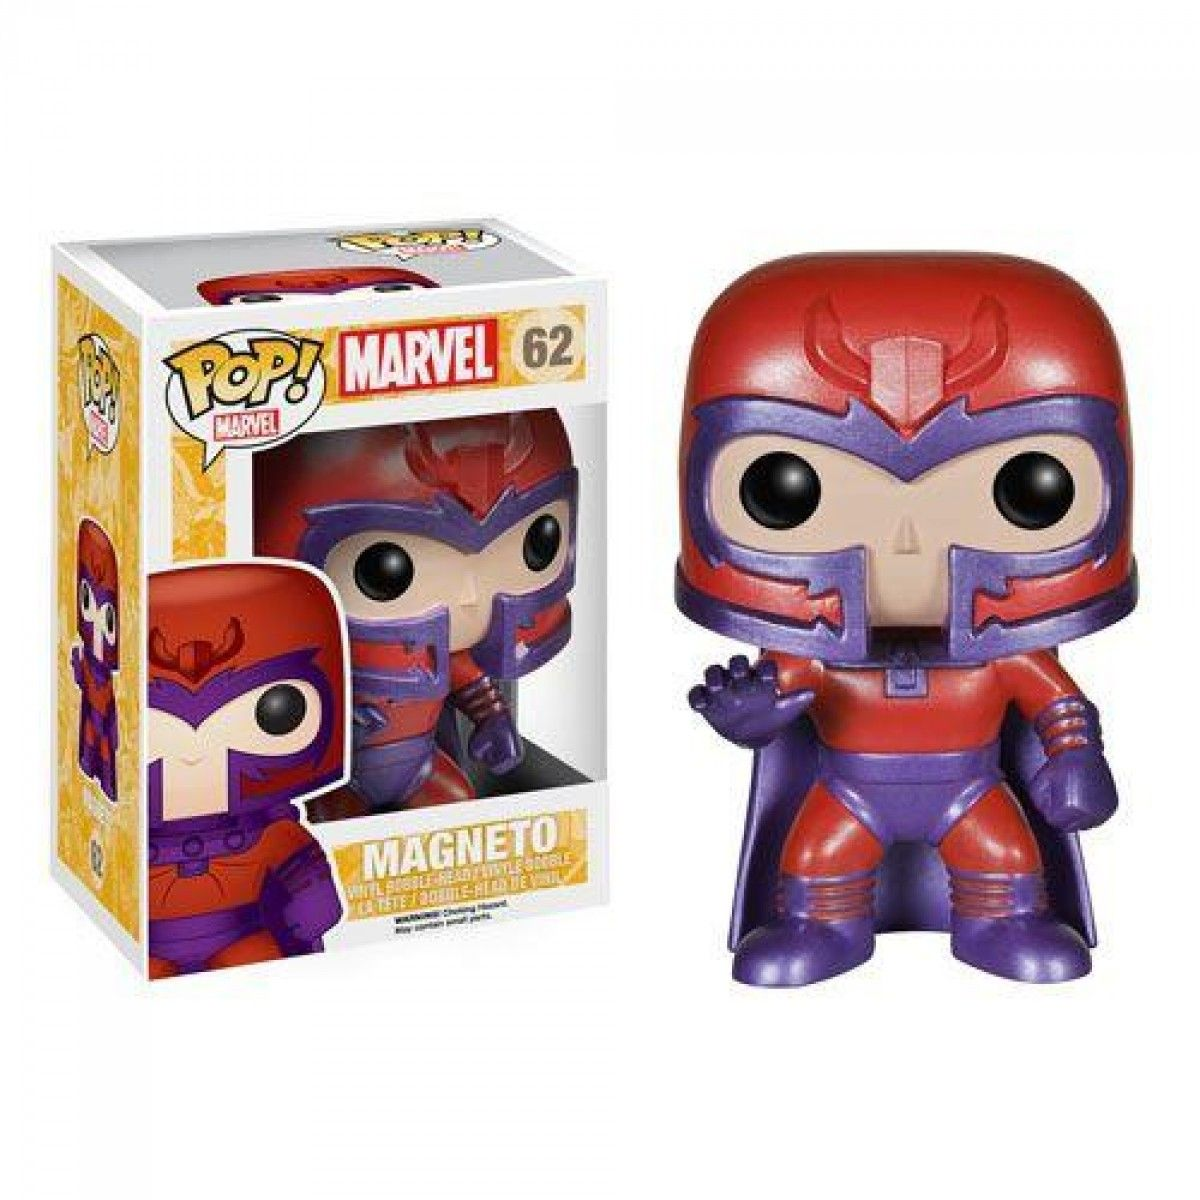 Magnéto Figure de plomb Marvel Classic figurine Collection